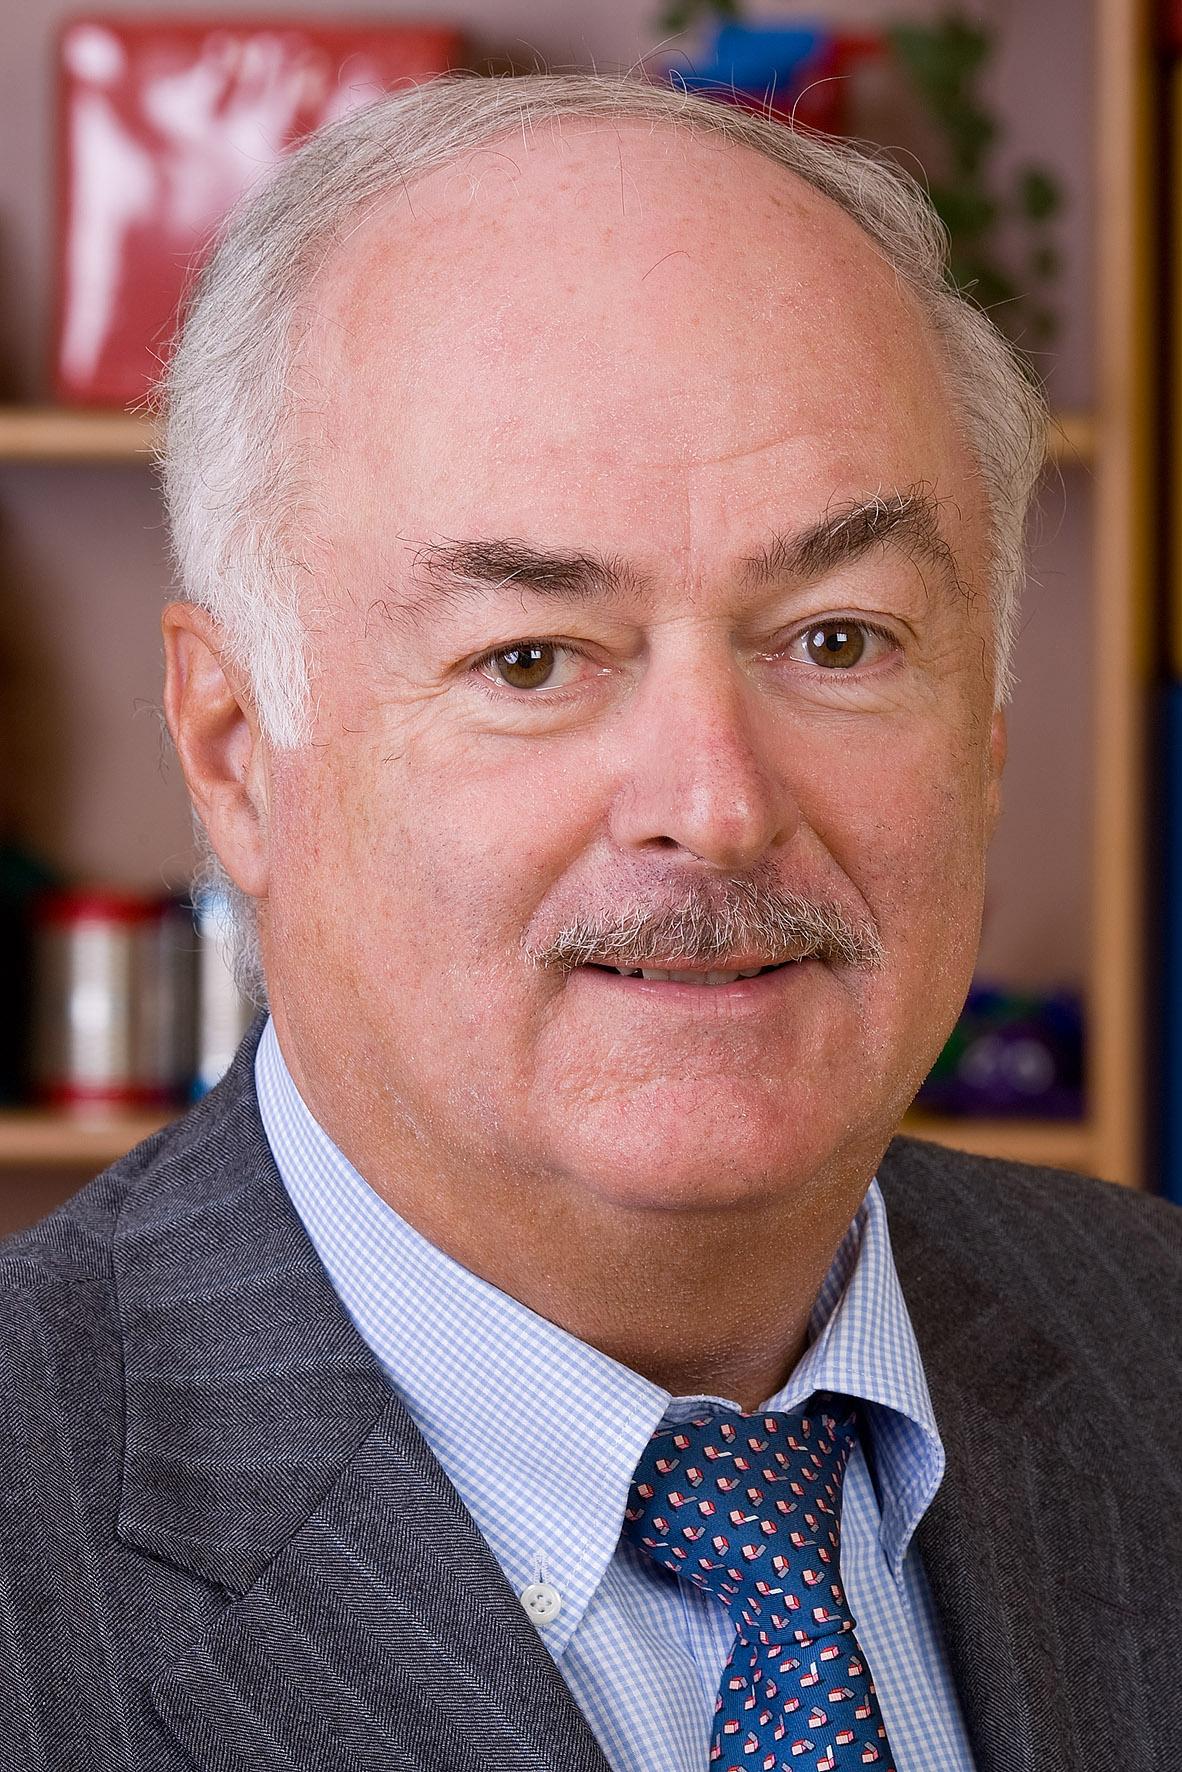 Kurt M. Widhalm